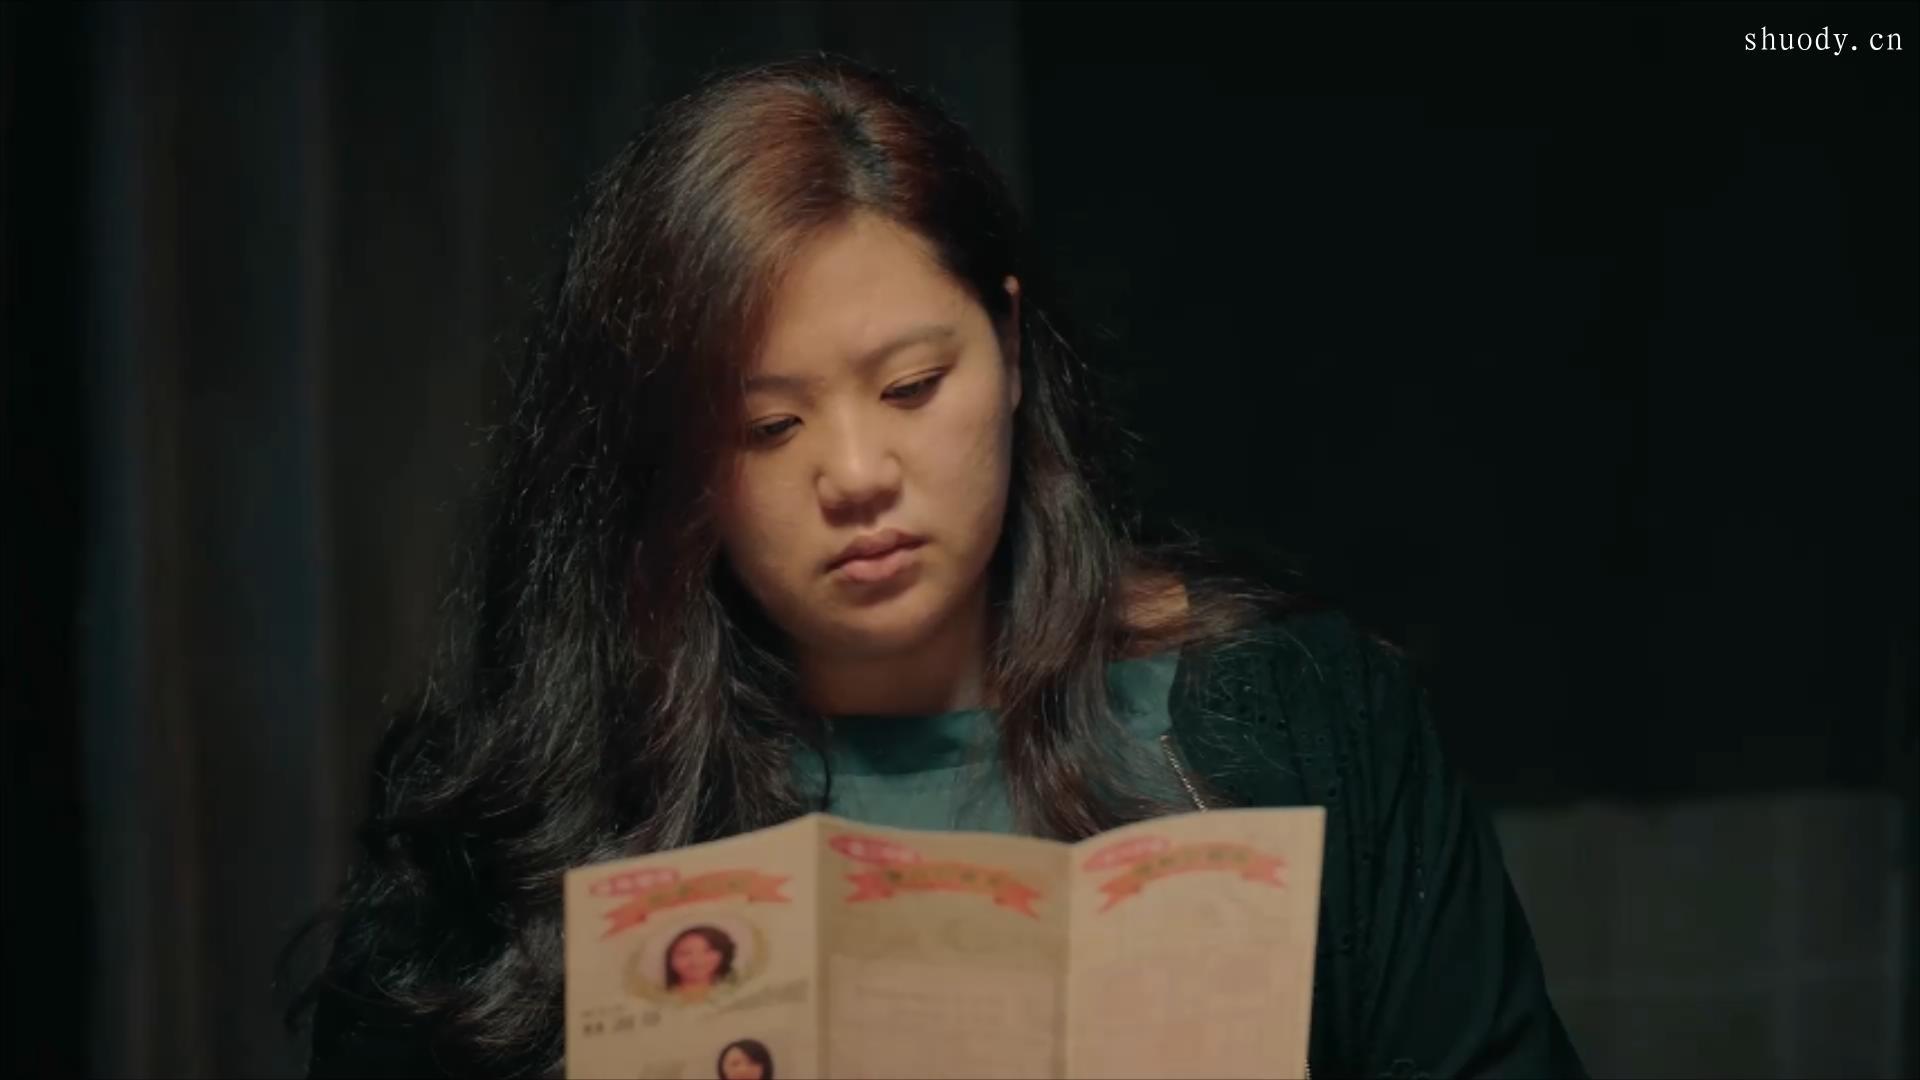 2019《大饿》2600字,8分钟剧情解说稿下载-第13张图片